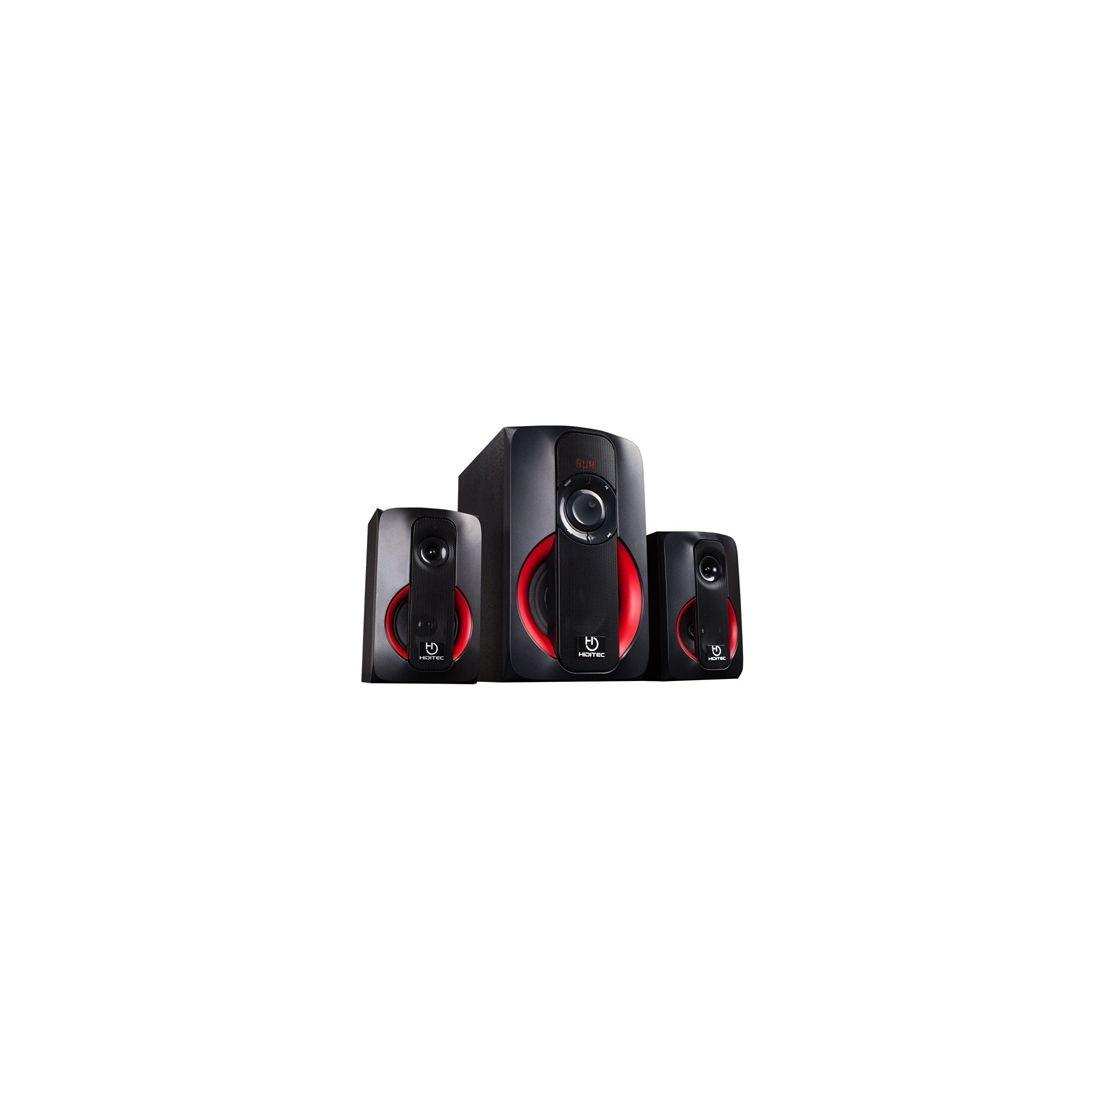 Hiditec Altavoces 21 Multimedia H400 40W Blt Radi